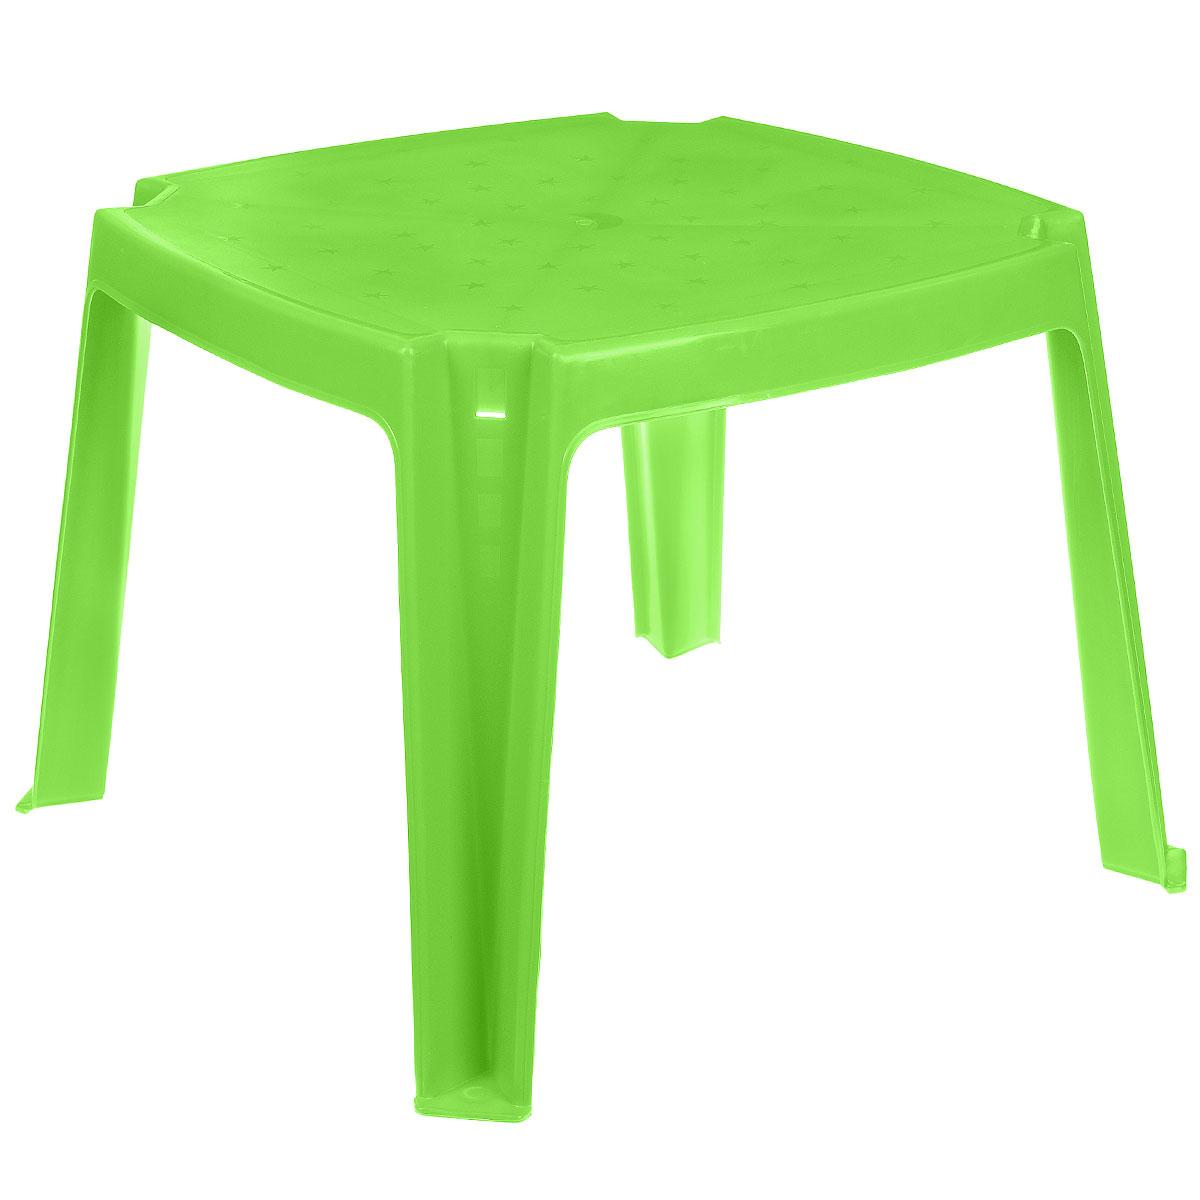 Стол детский  PalPlay , цвет: салатовый, 53 см х 53 см -  Детская мебель